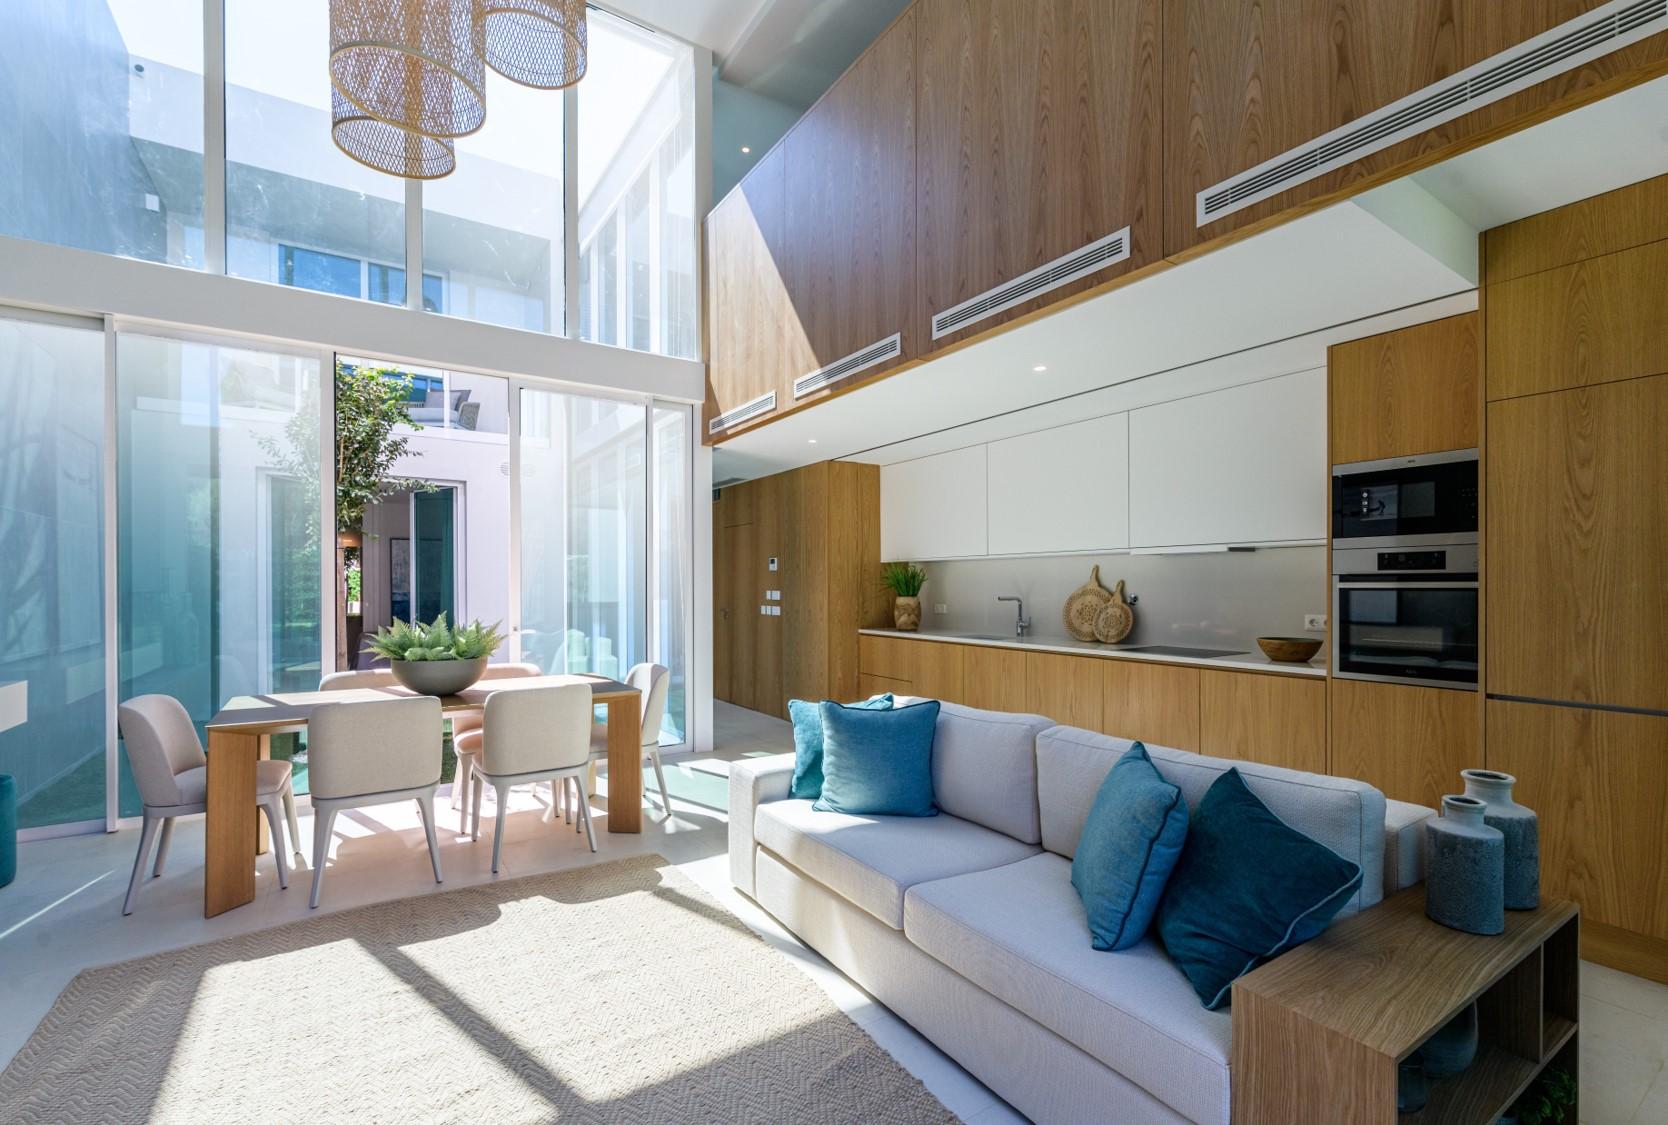 Habitação nova dispara no Algarve